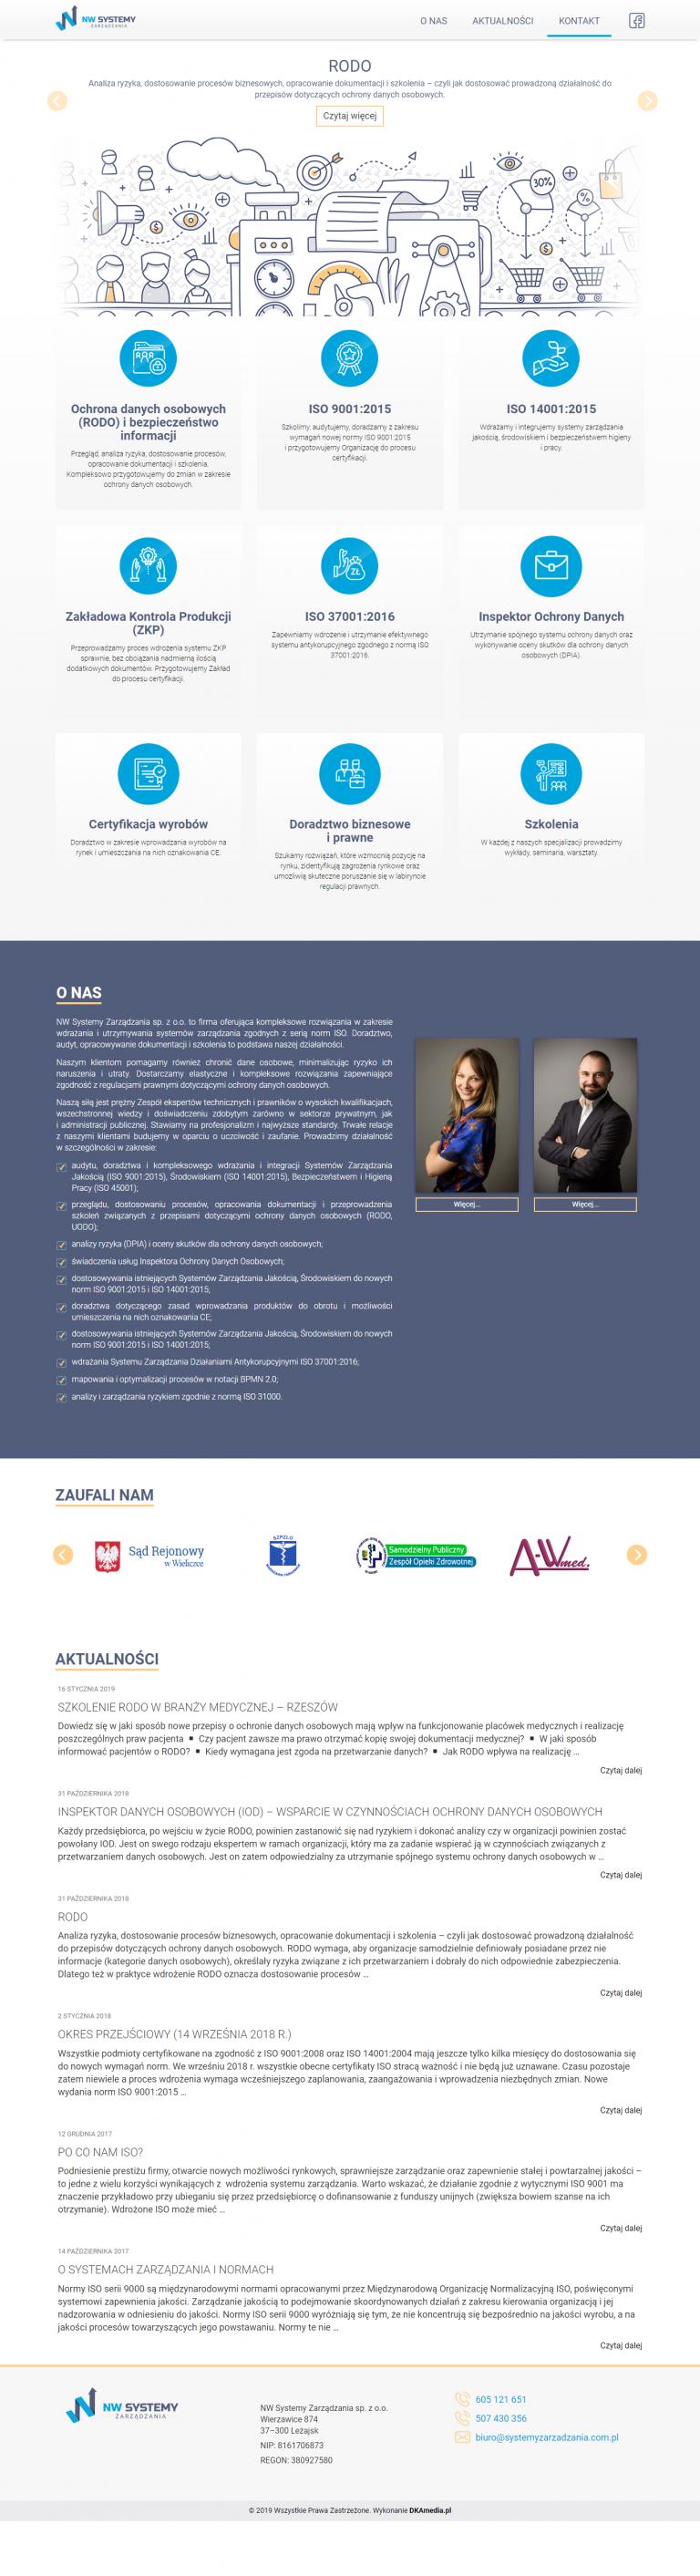 Realizacja przed firmę DKAmedia dla NW Systemy Zarządzania – Doradztwo, audyt, wdrażanie systemów zarządz_ - systemyzarzadzania.com.pl